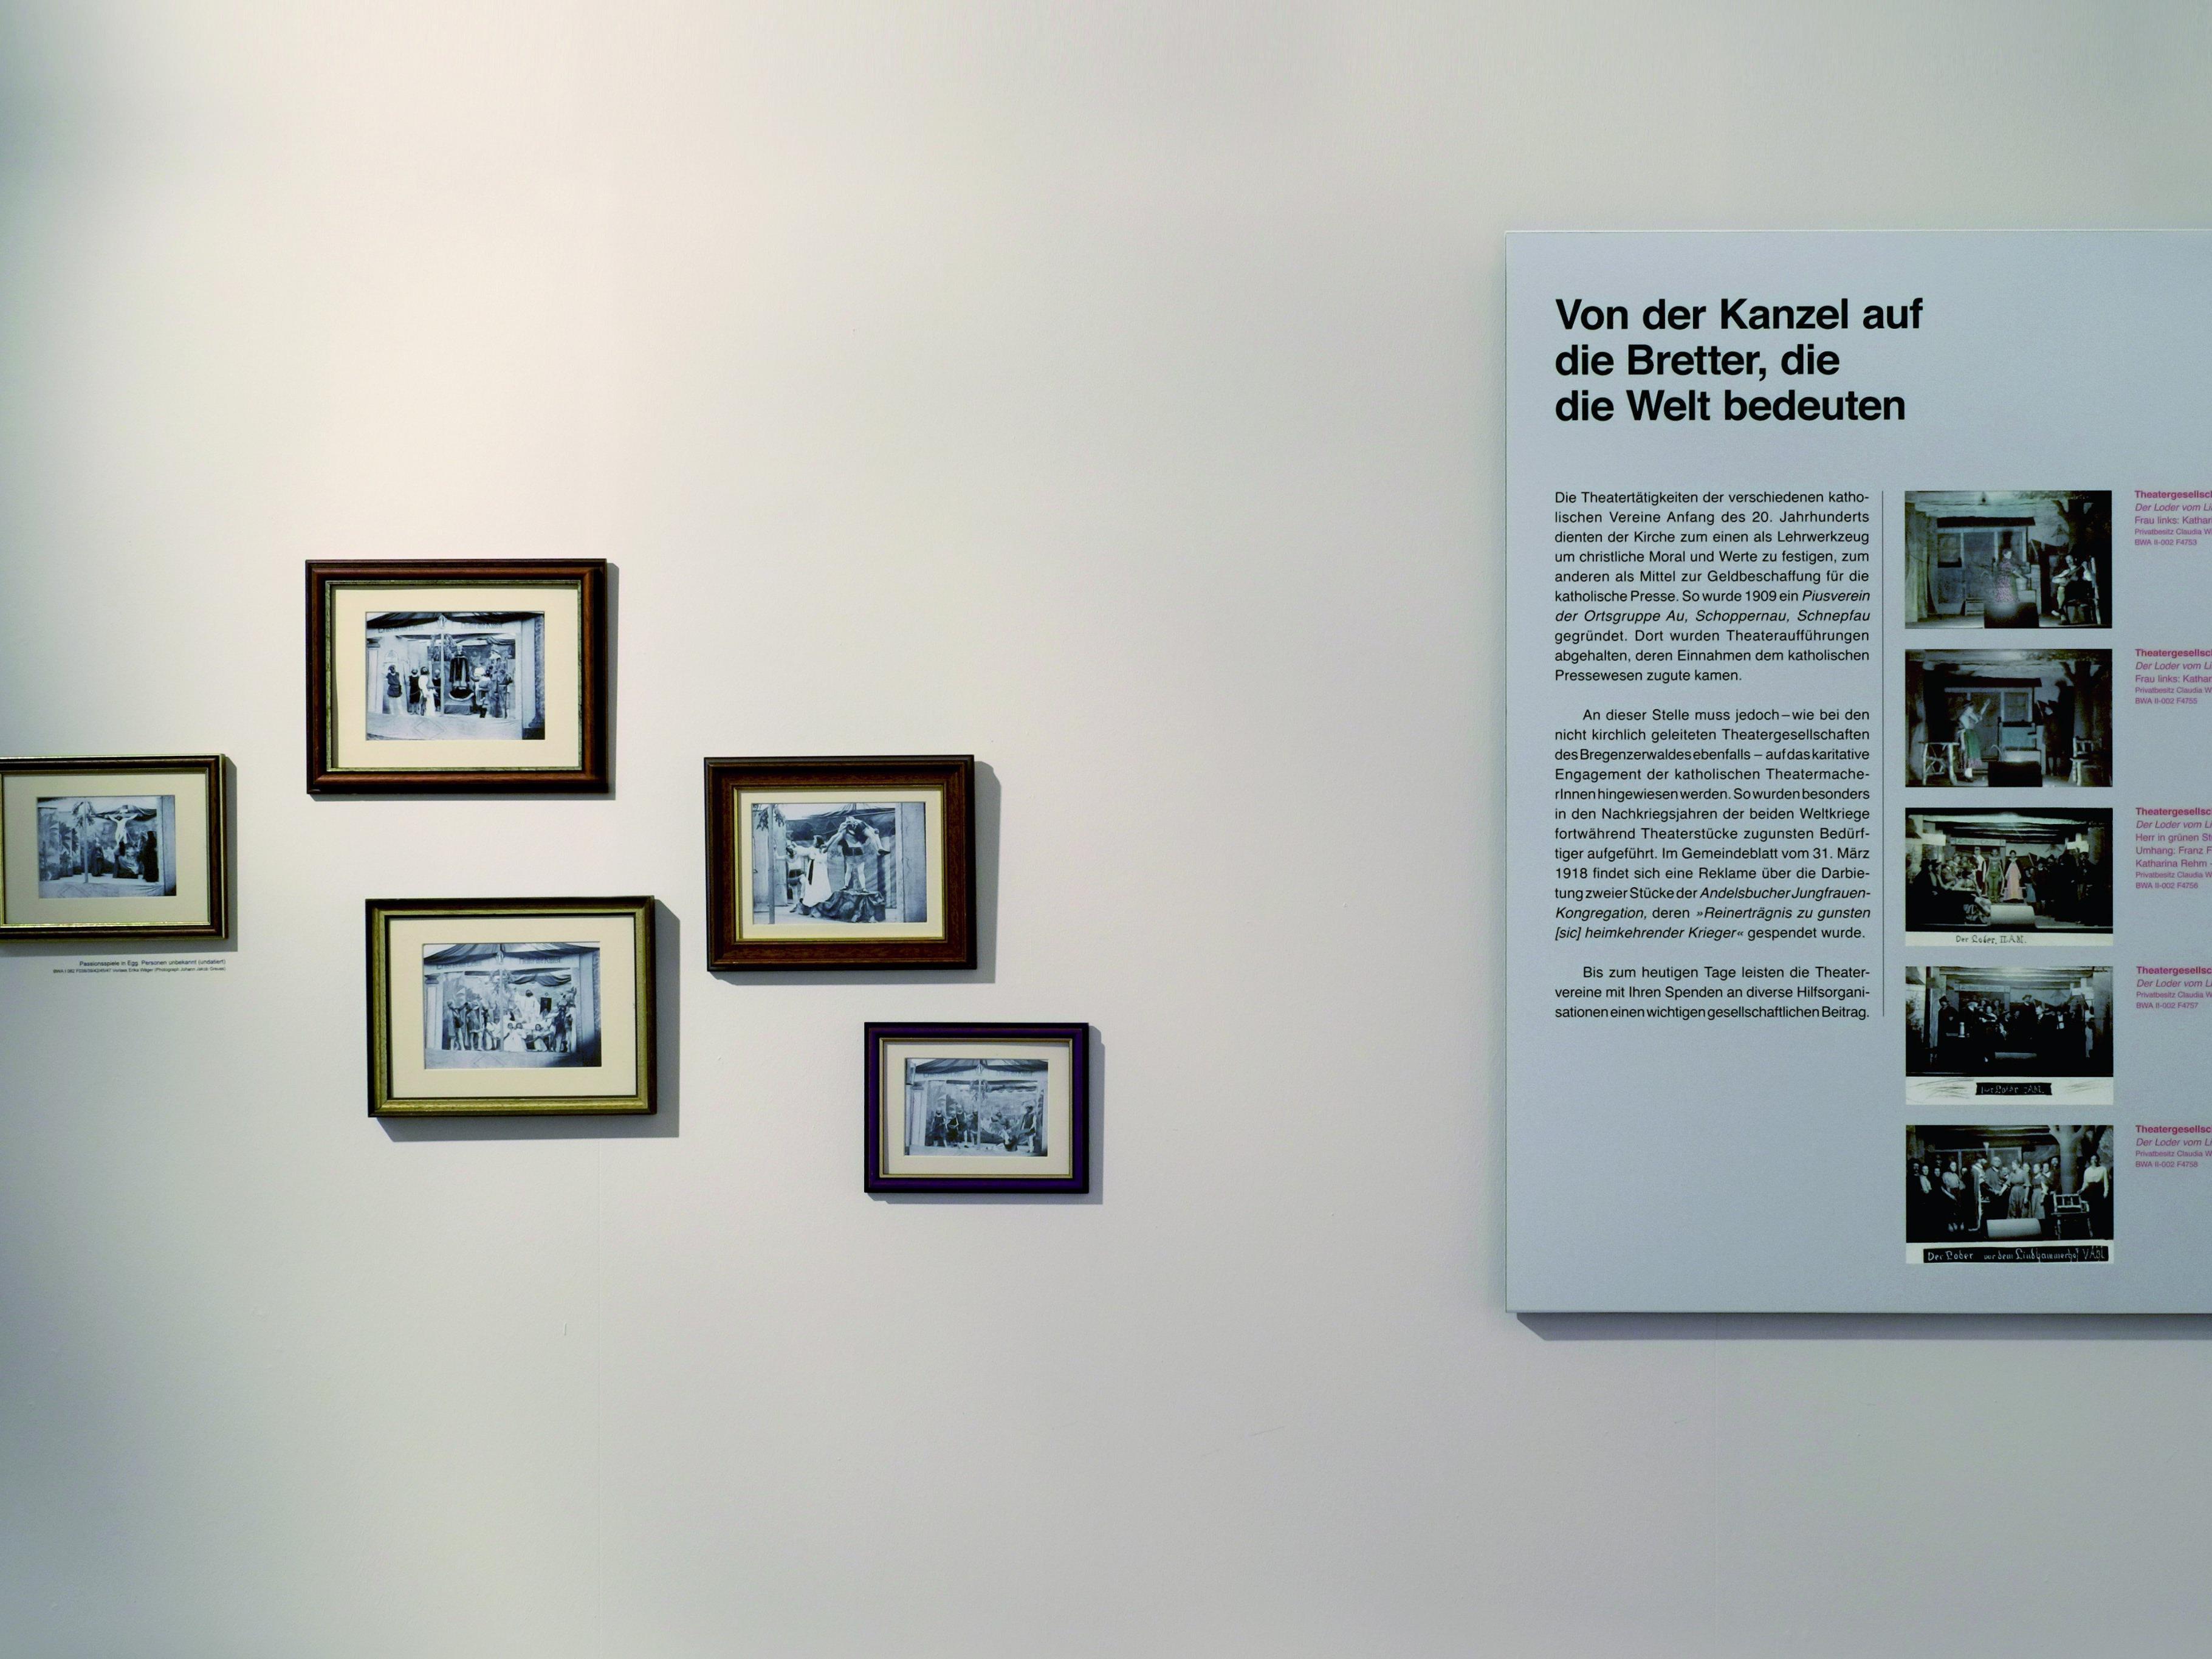 Die letzte Sonderausstellung widmete sich der 150jährigen Geschichte des Amateurtheaters im Bregenzerwald.